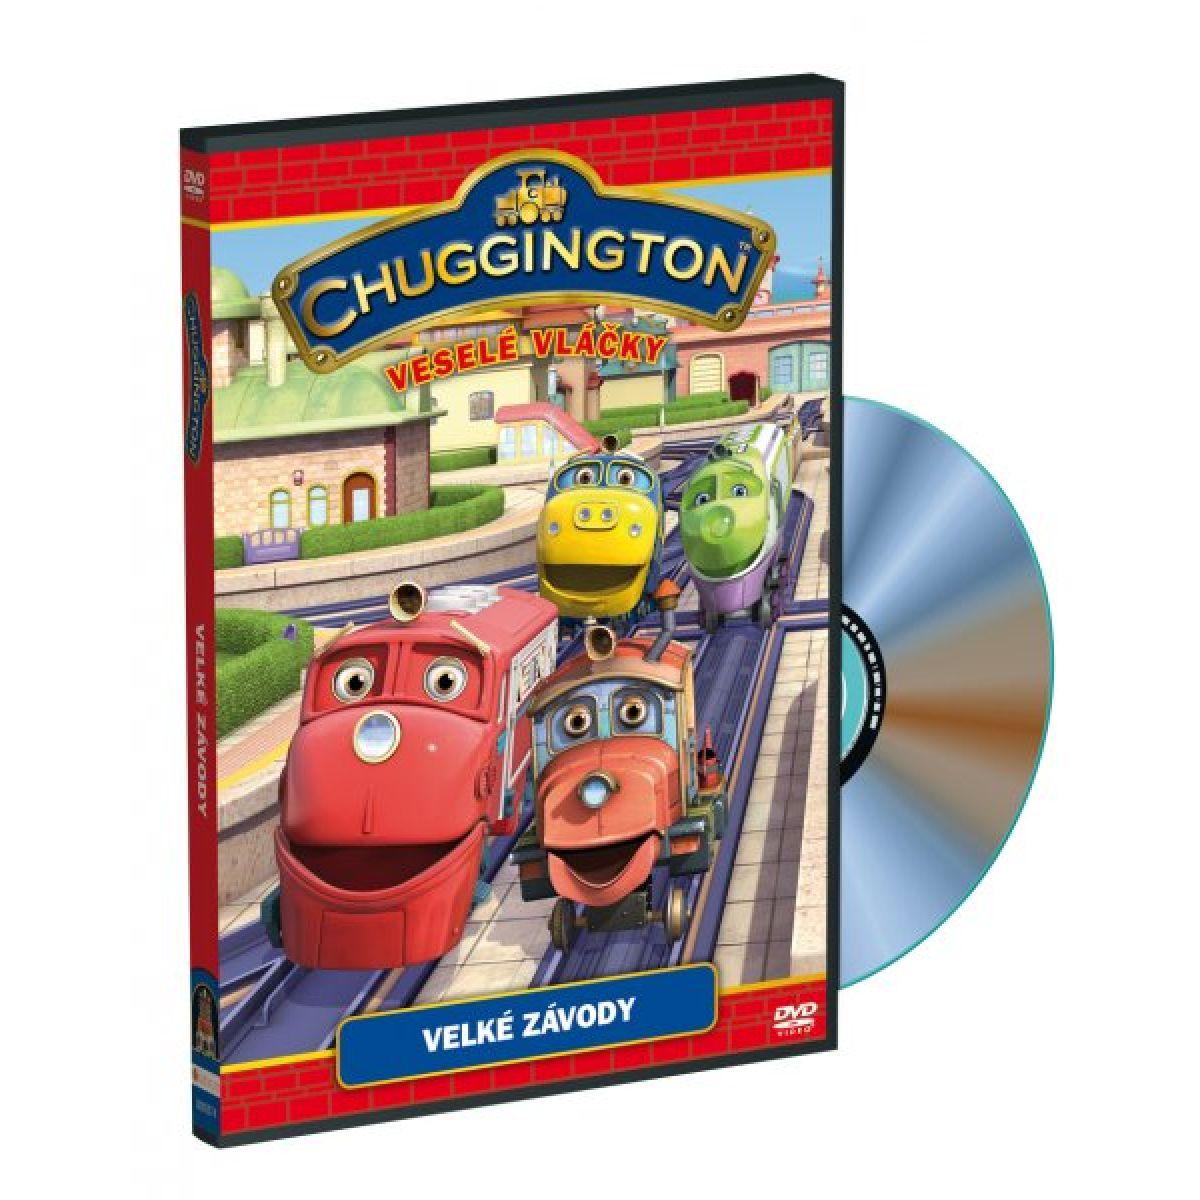 DVD Chuggington - veselé vláčky - Velké závody